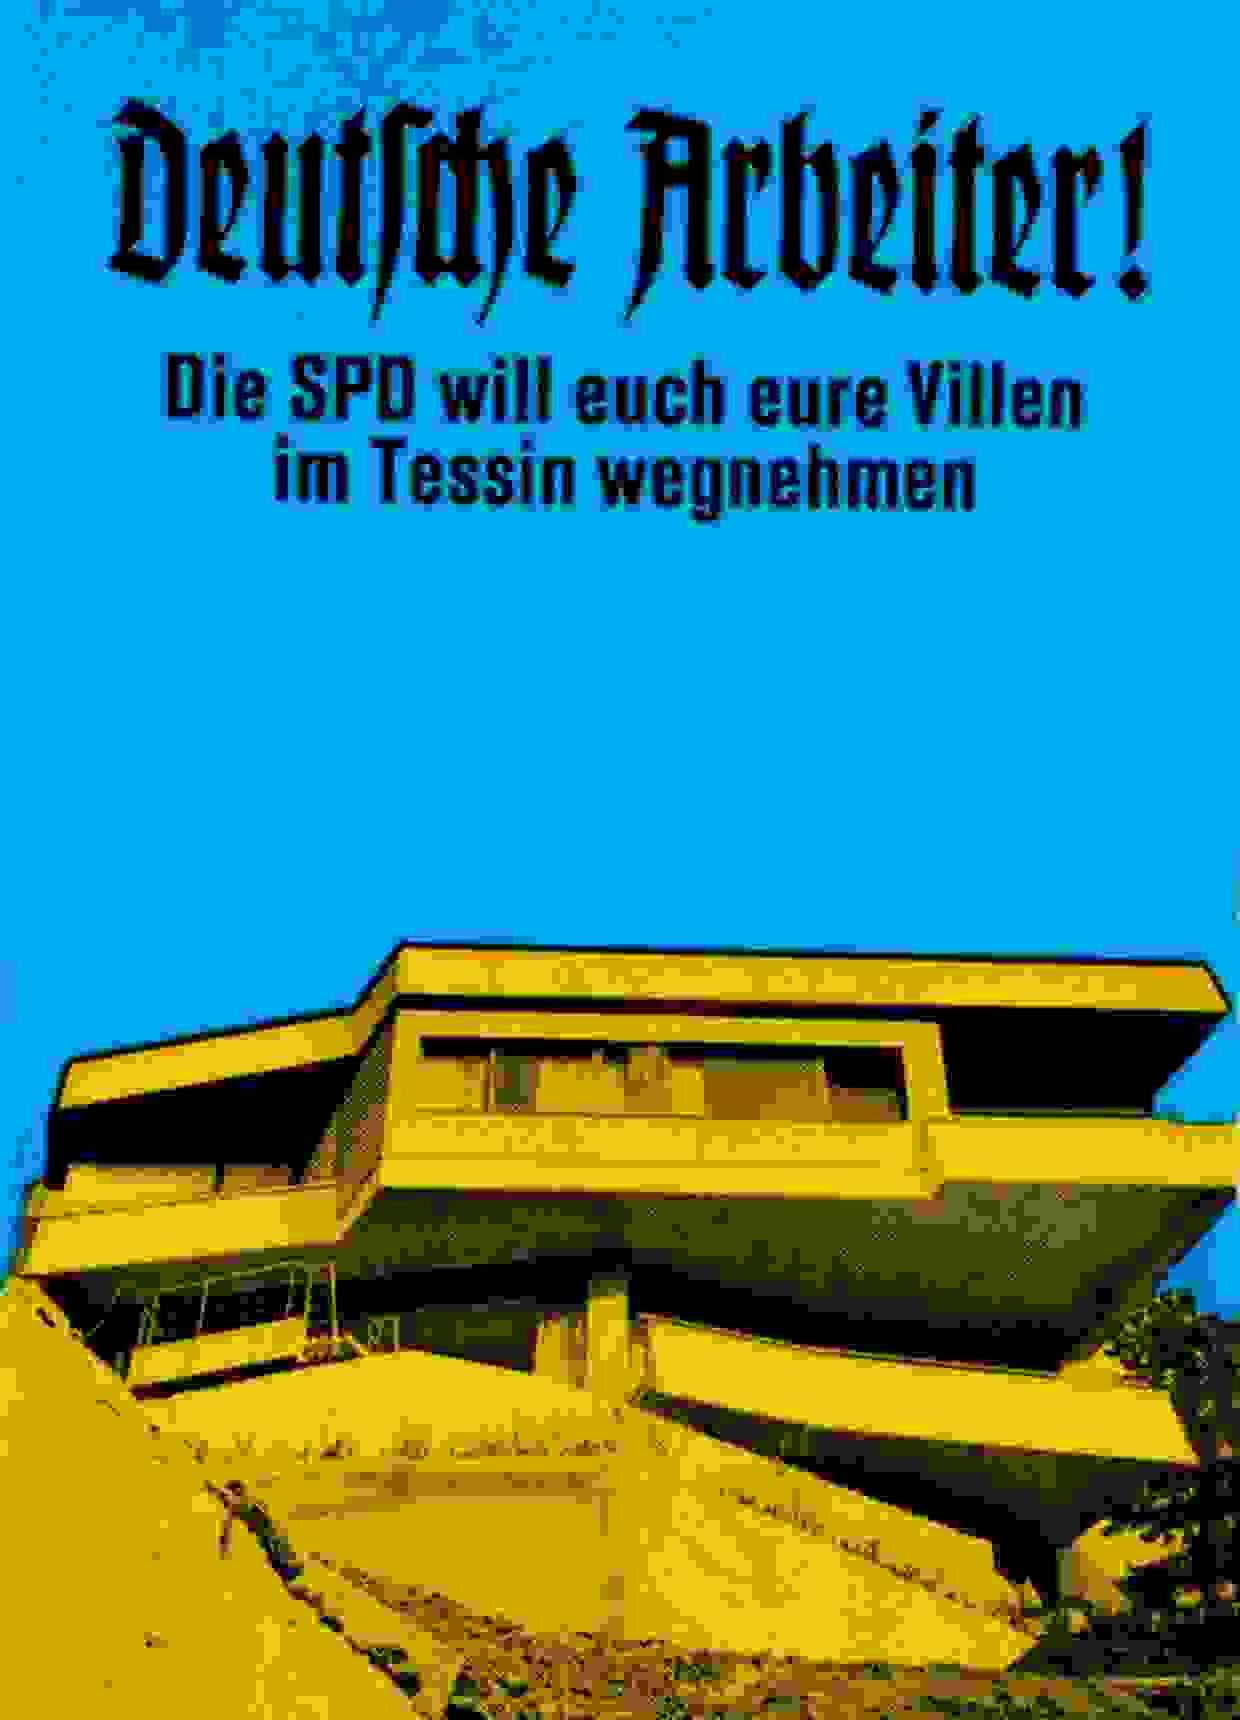 Deutsche Arbeiter